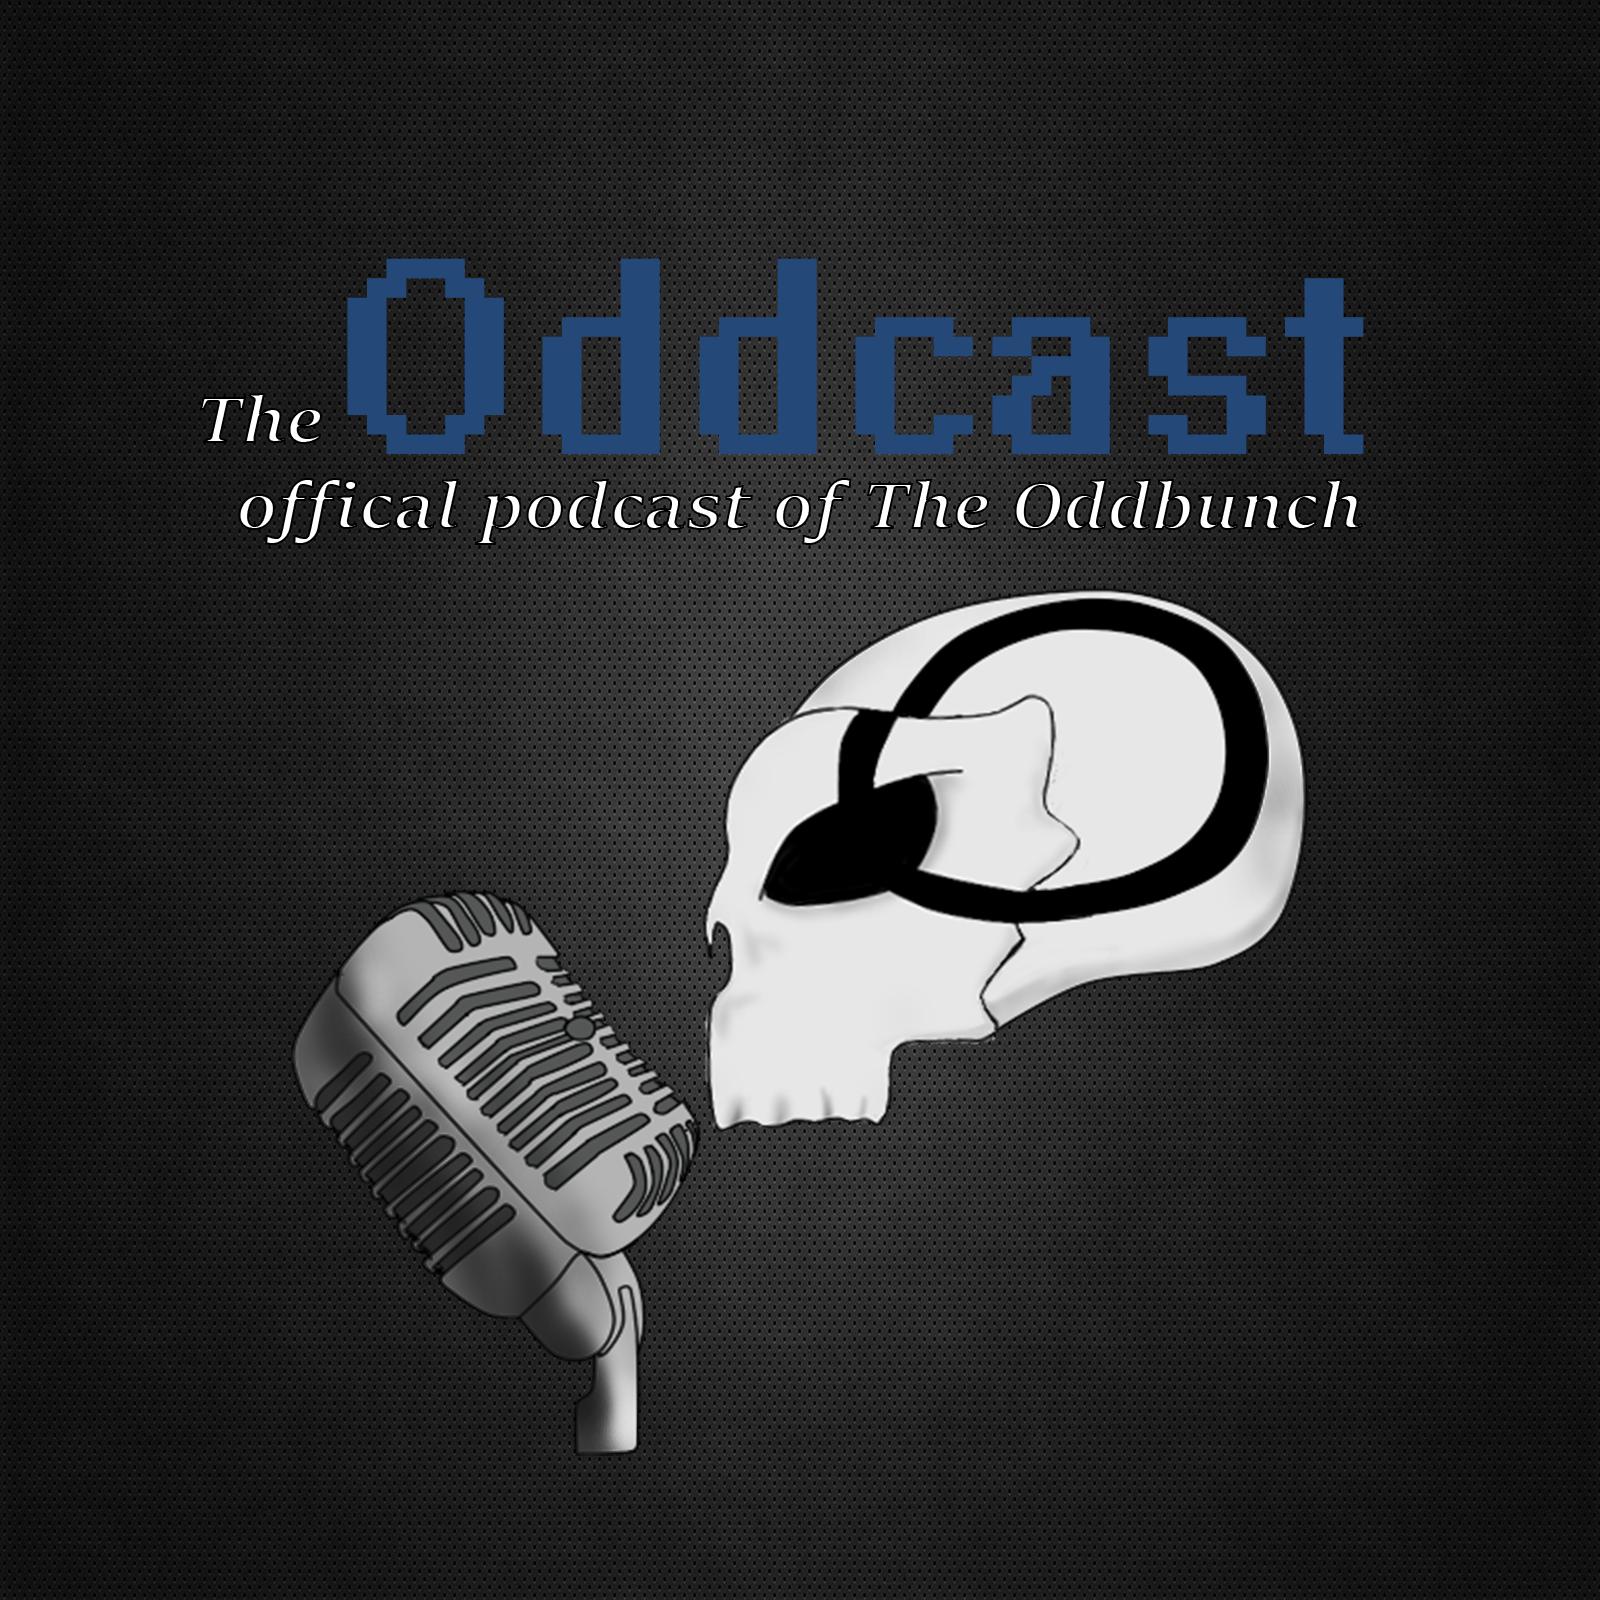 Oddcast